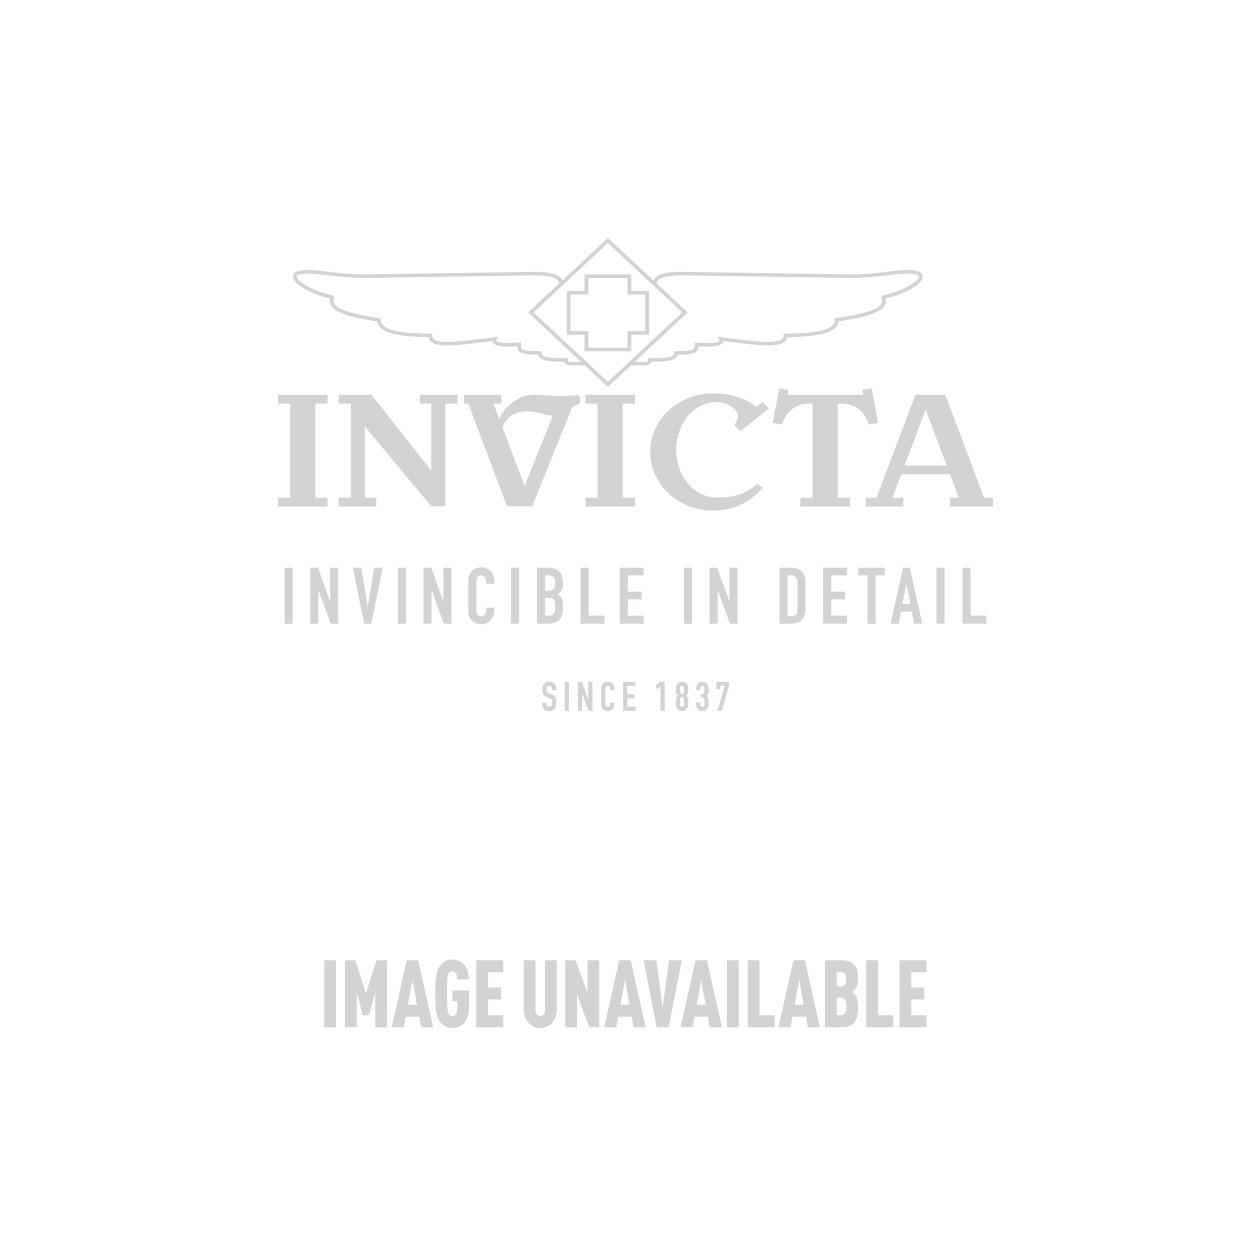 Invicta Model 25016